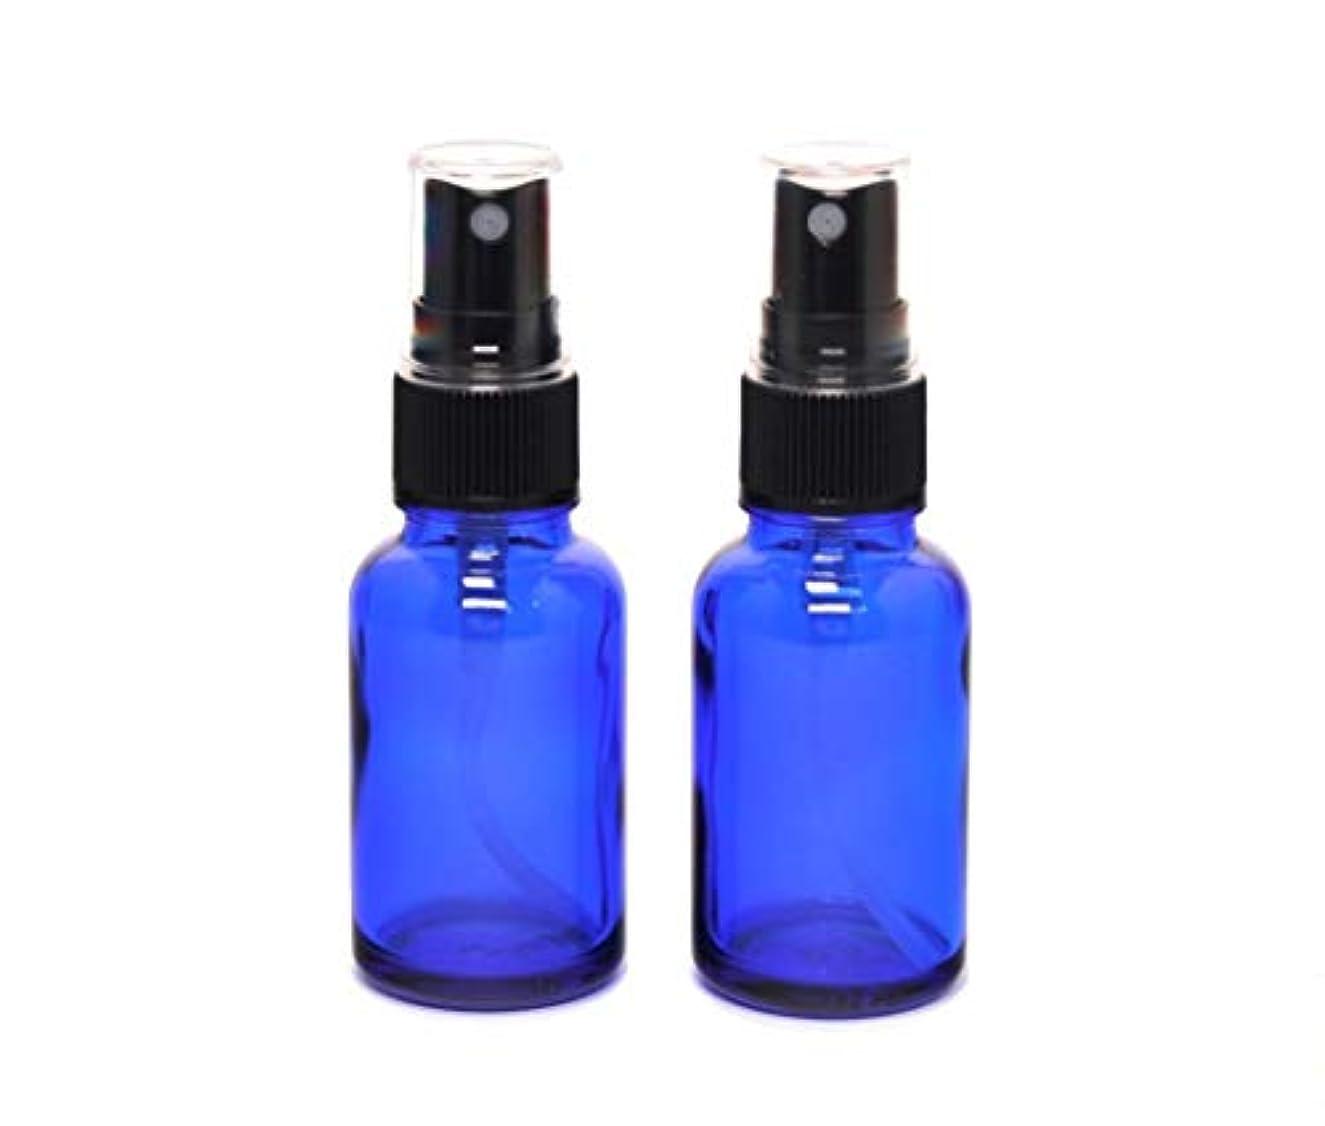 優れましたお祝い定義する遮光瓶 蓄圧式ミストのスプレーボトル 30ml コバルトブルー / ( 硝子製?アトマイザー )ブラックヘッド × 2本セット / アロマスプレー用